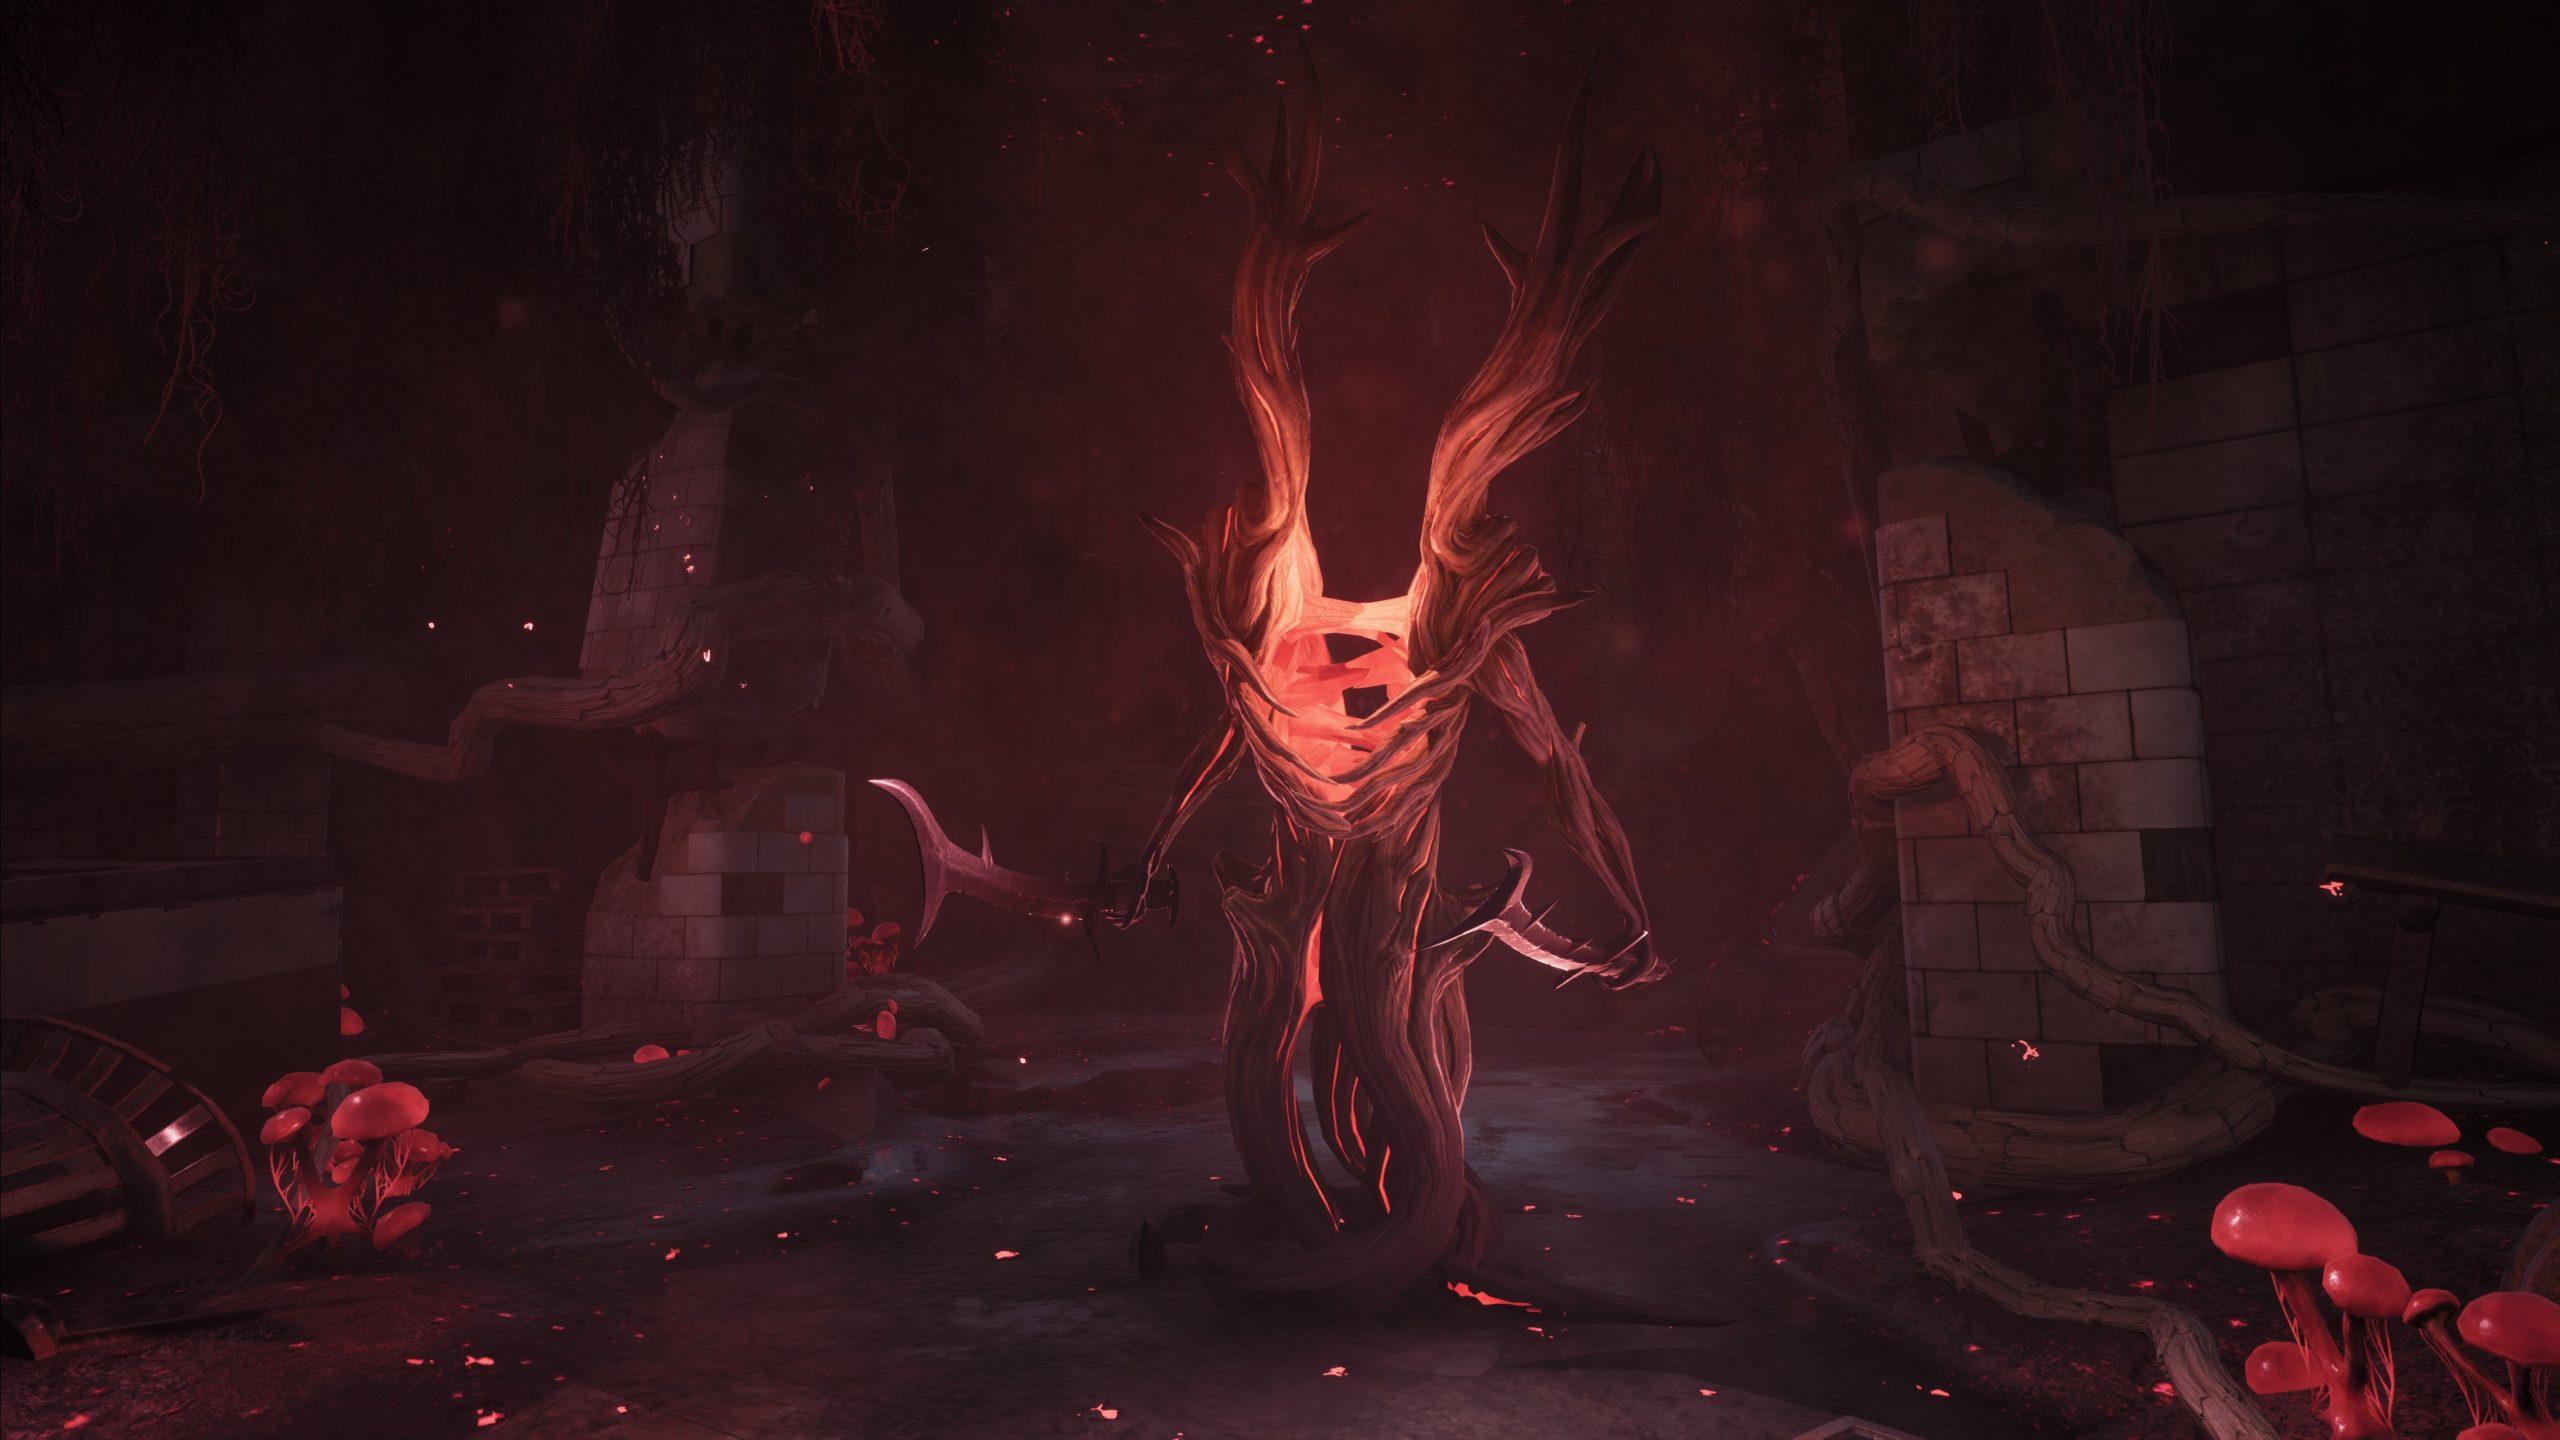 Novas atualizações para Remnant: From the Ashes Adicione uma nova masmorra, ...